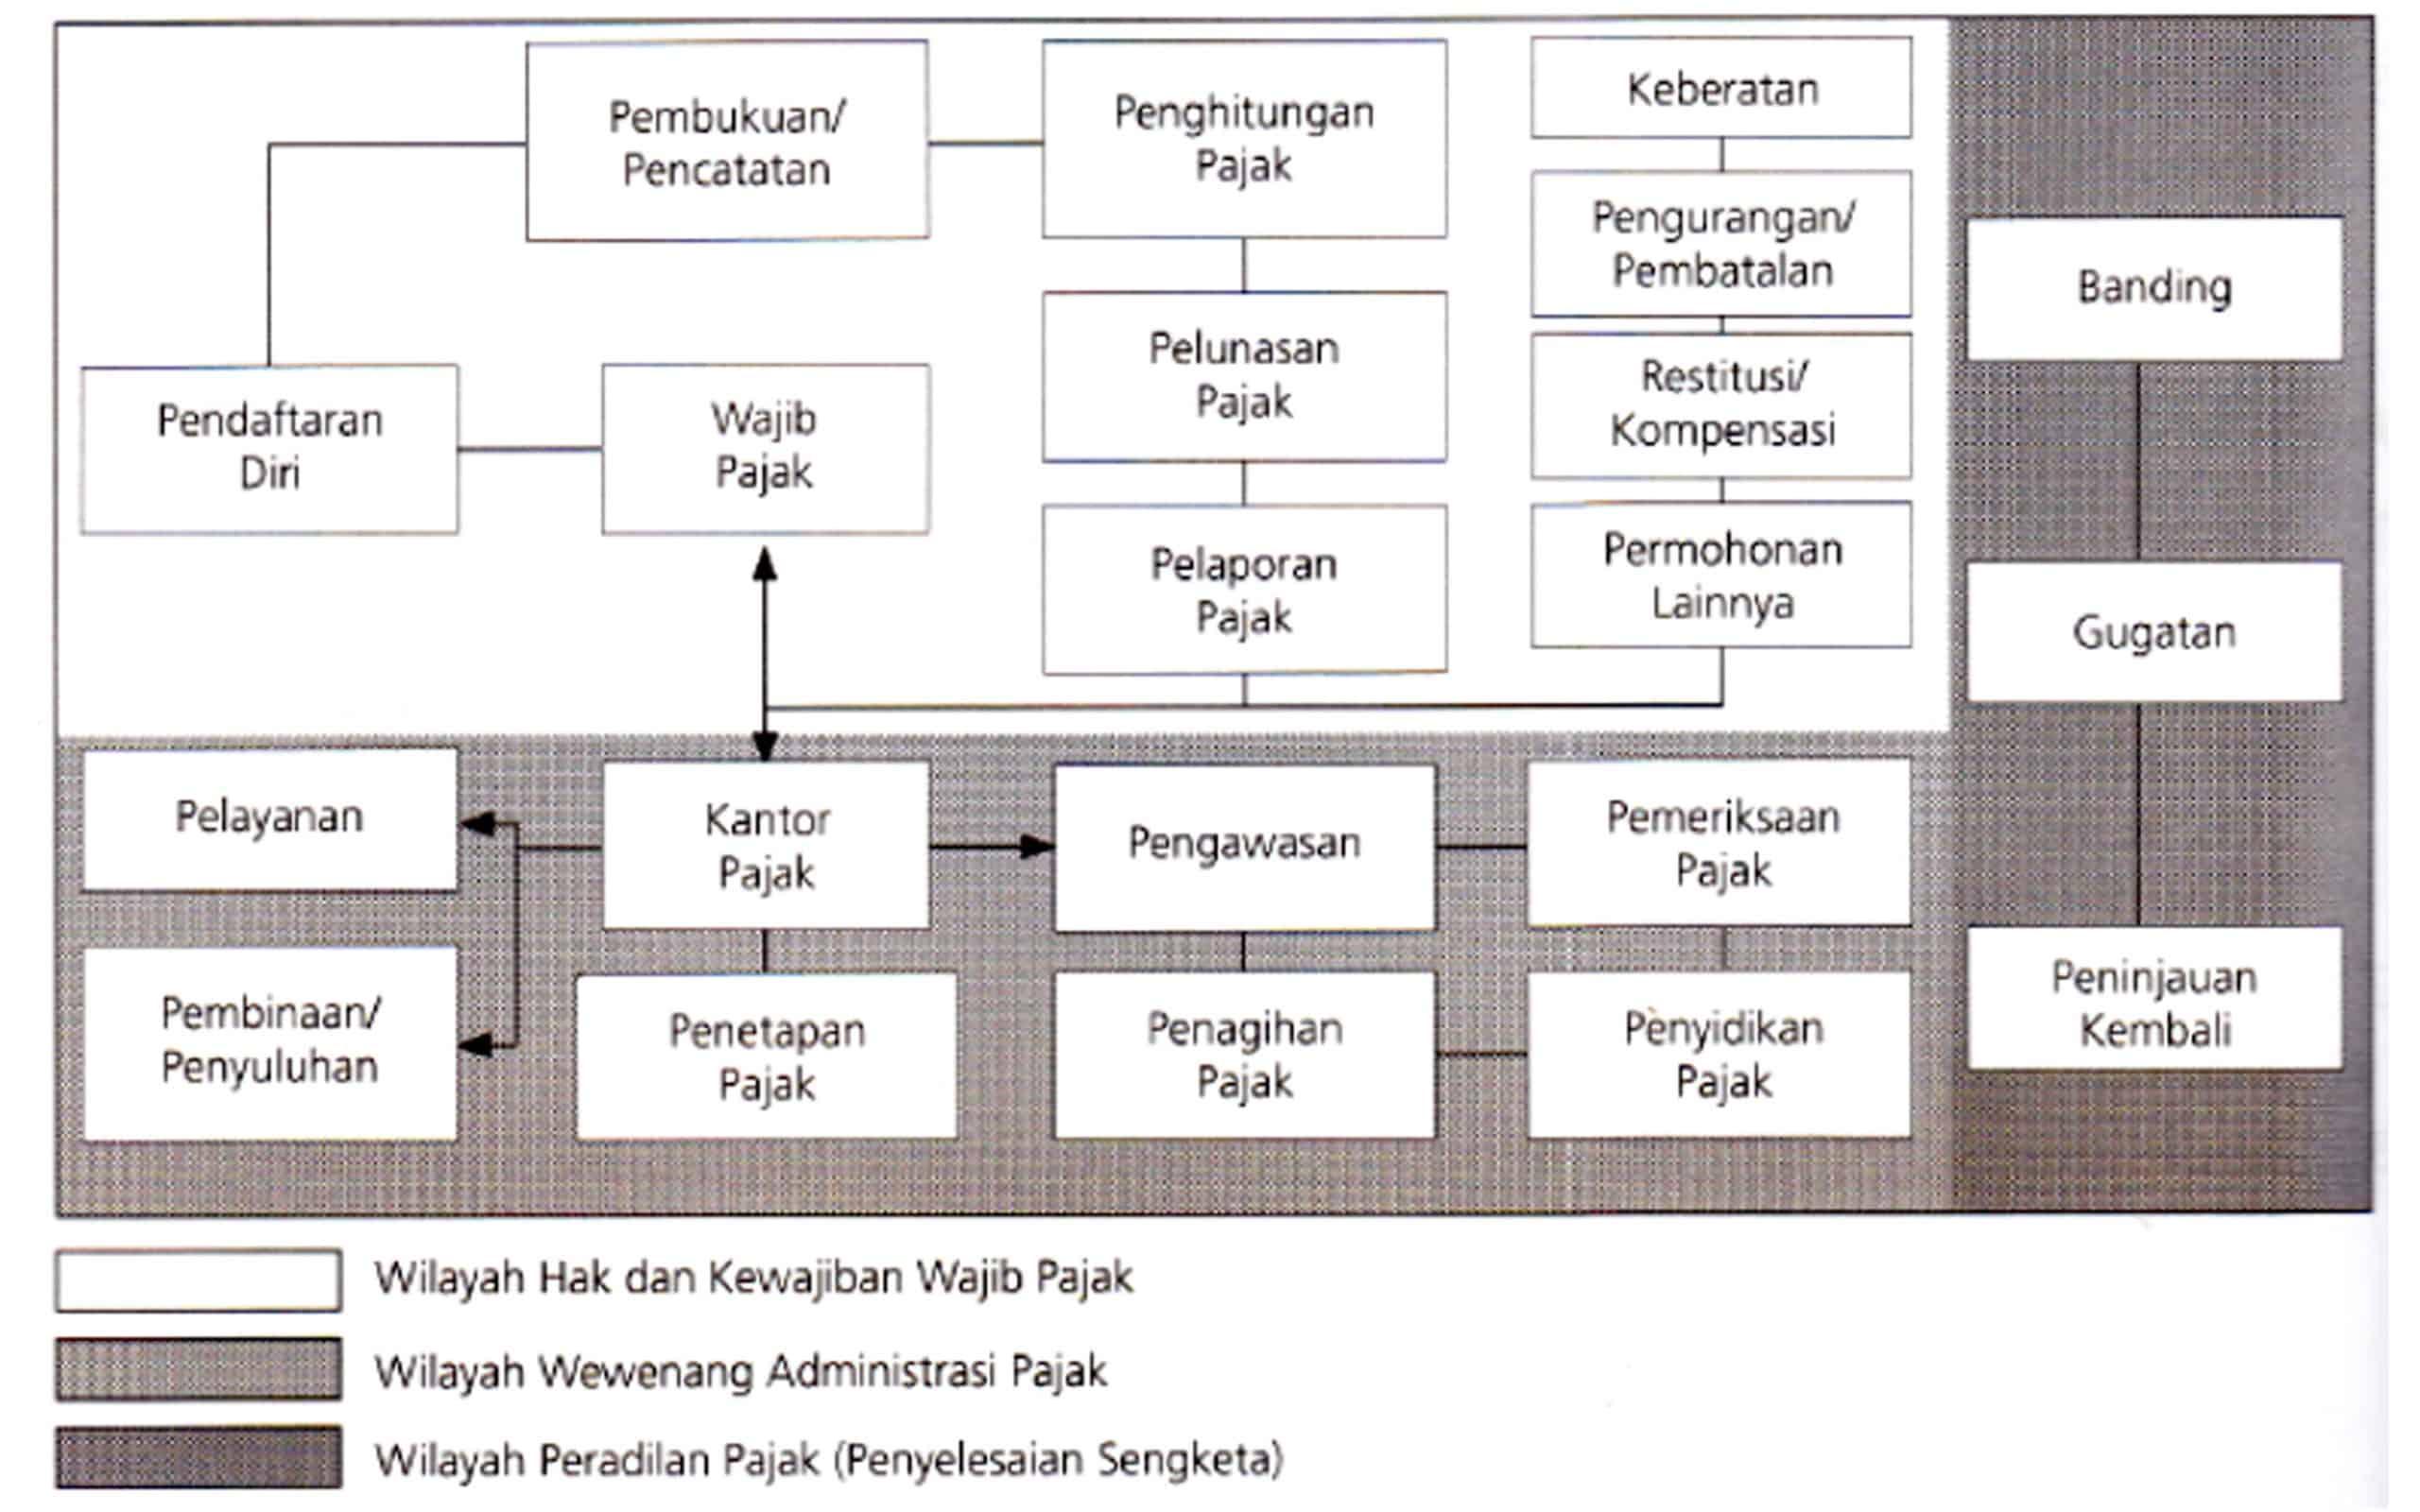 Alur Administrasi Perpajakan di lndonesia